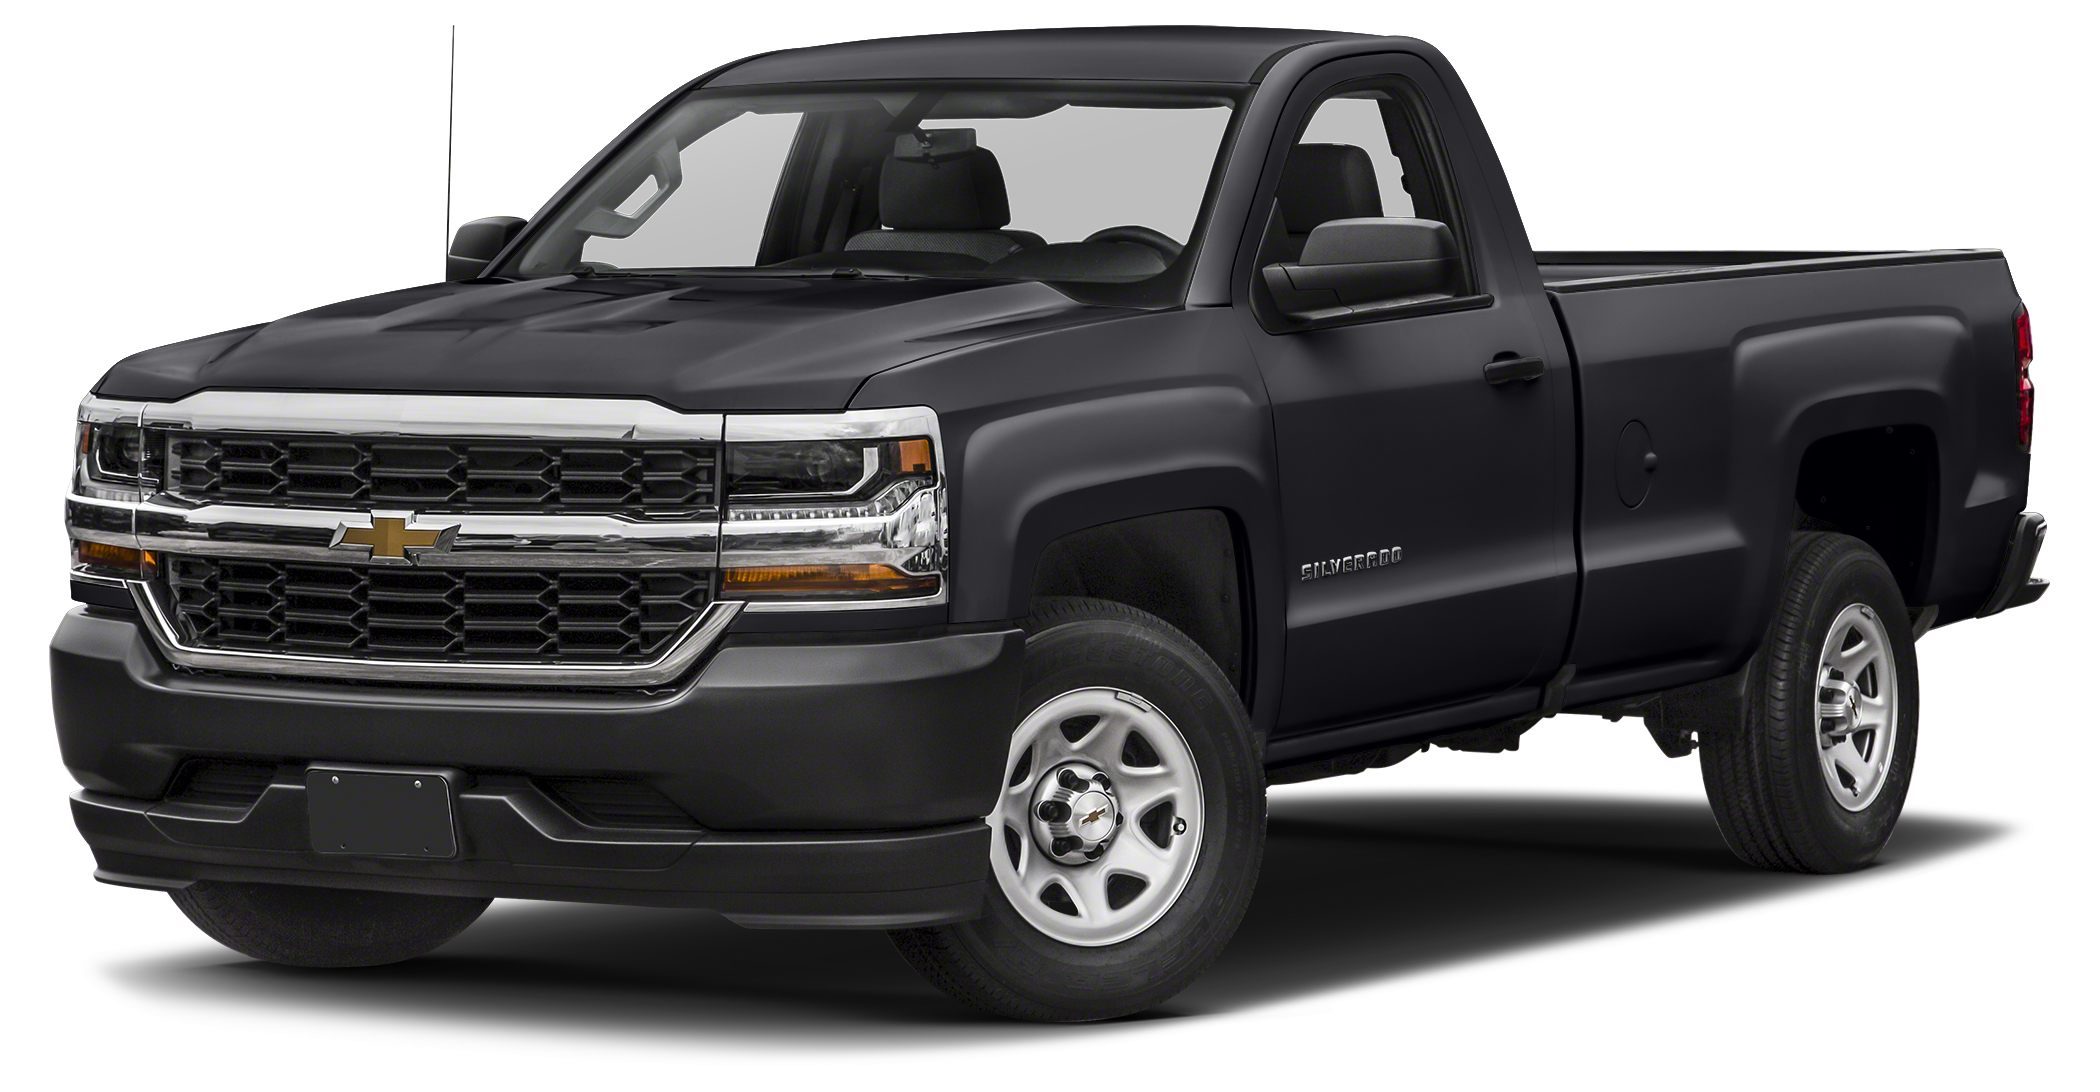 2017 Chevrolet Silverado 1500  Miles 5Color Graphite Metallic Stock 177178 VIN 1GCNCNEC5HZ35